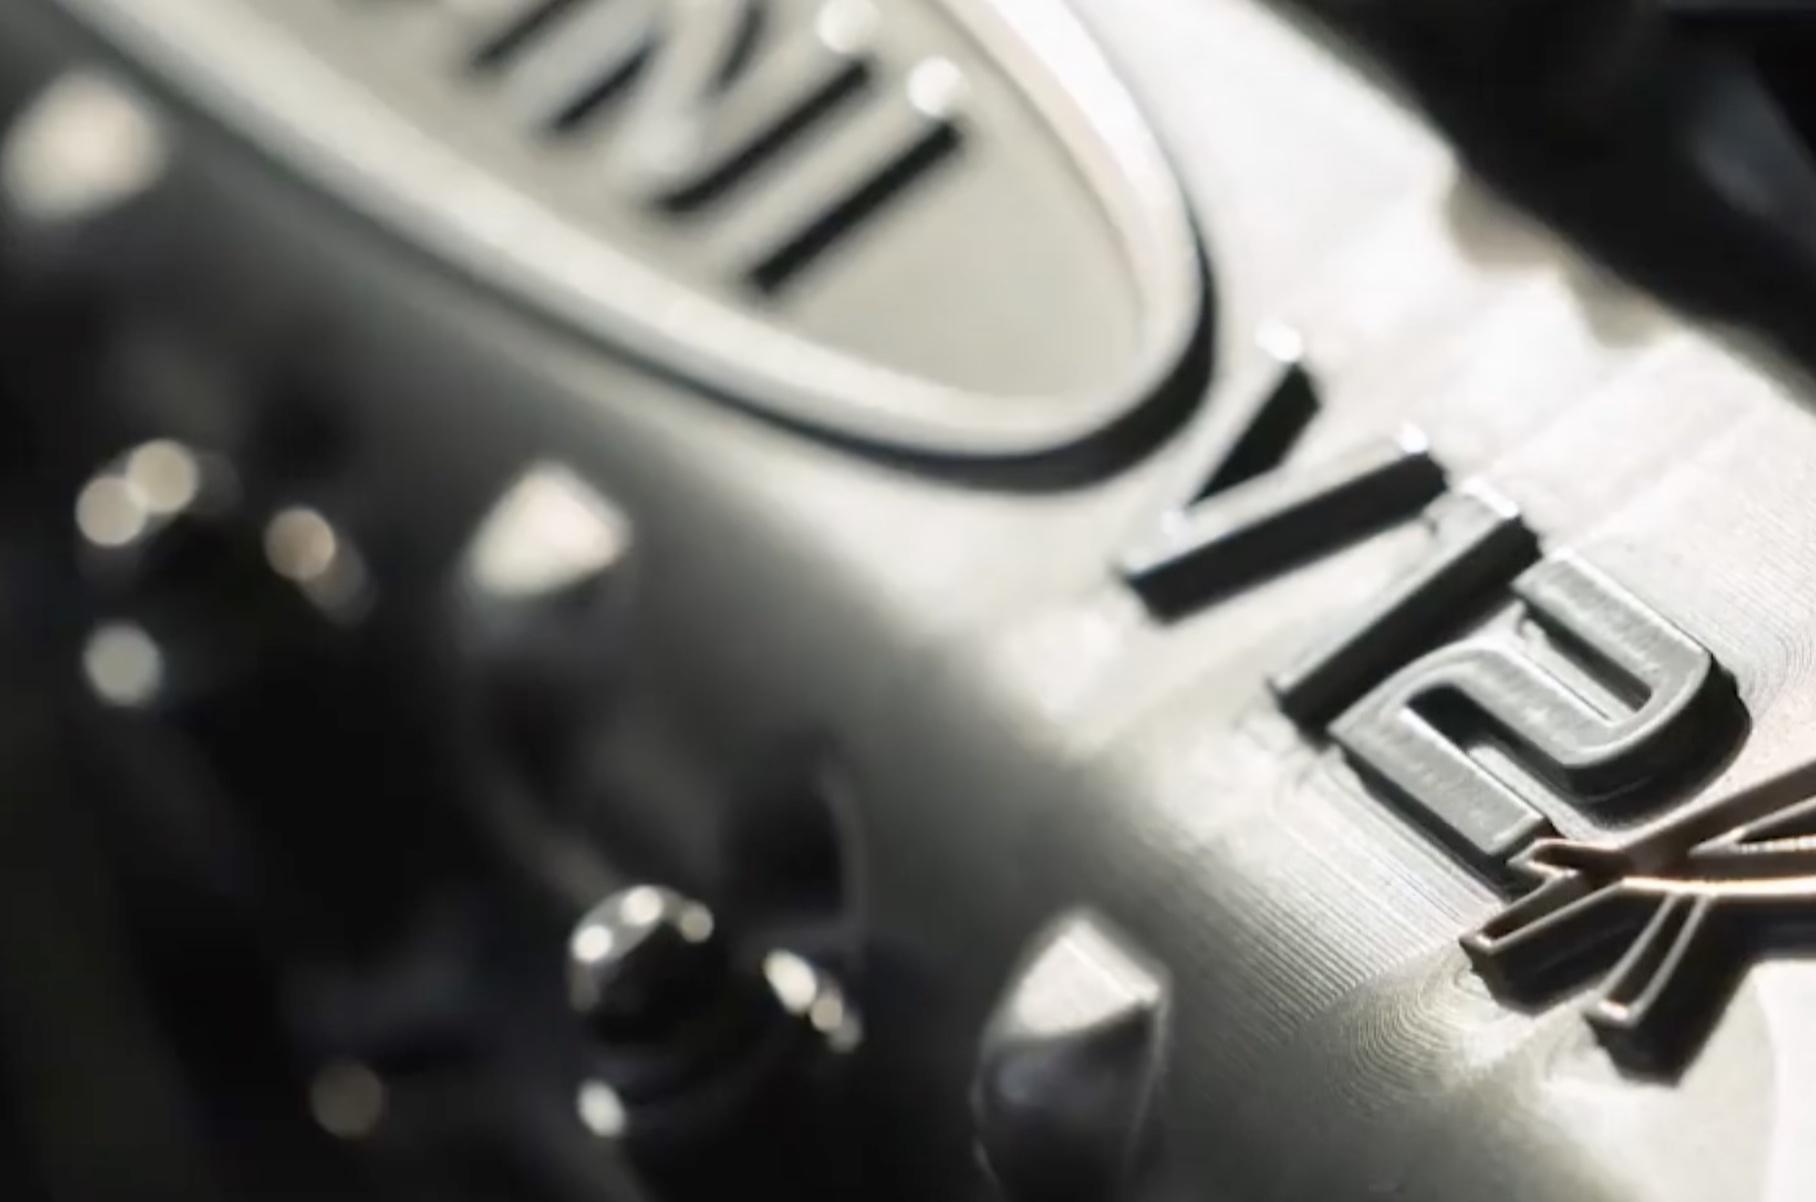 Pagani дала послушать звук двигателя экстремальной Huayra R